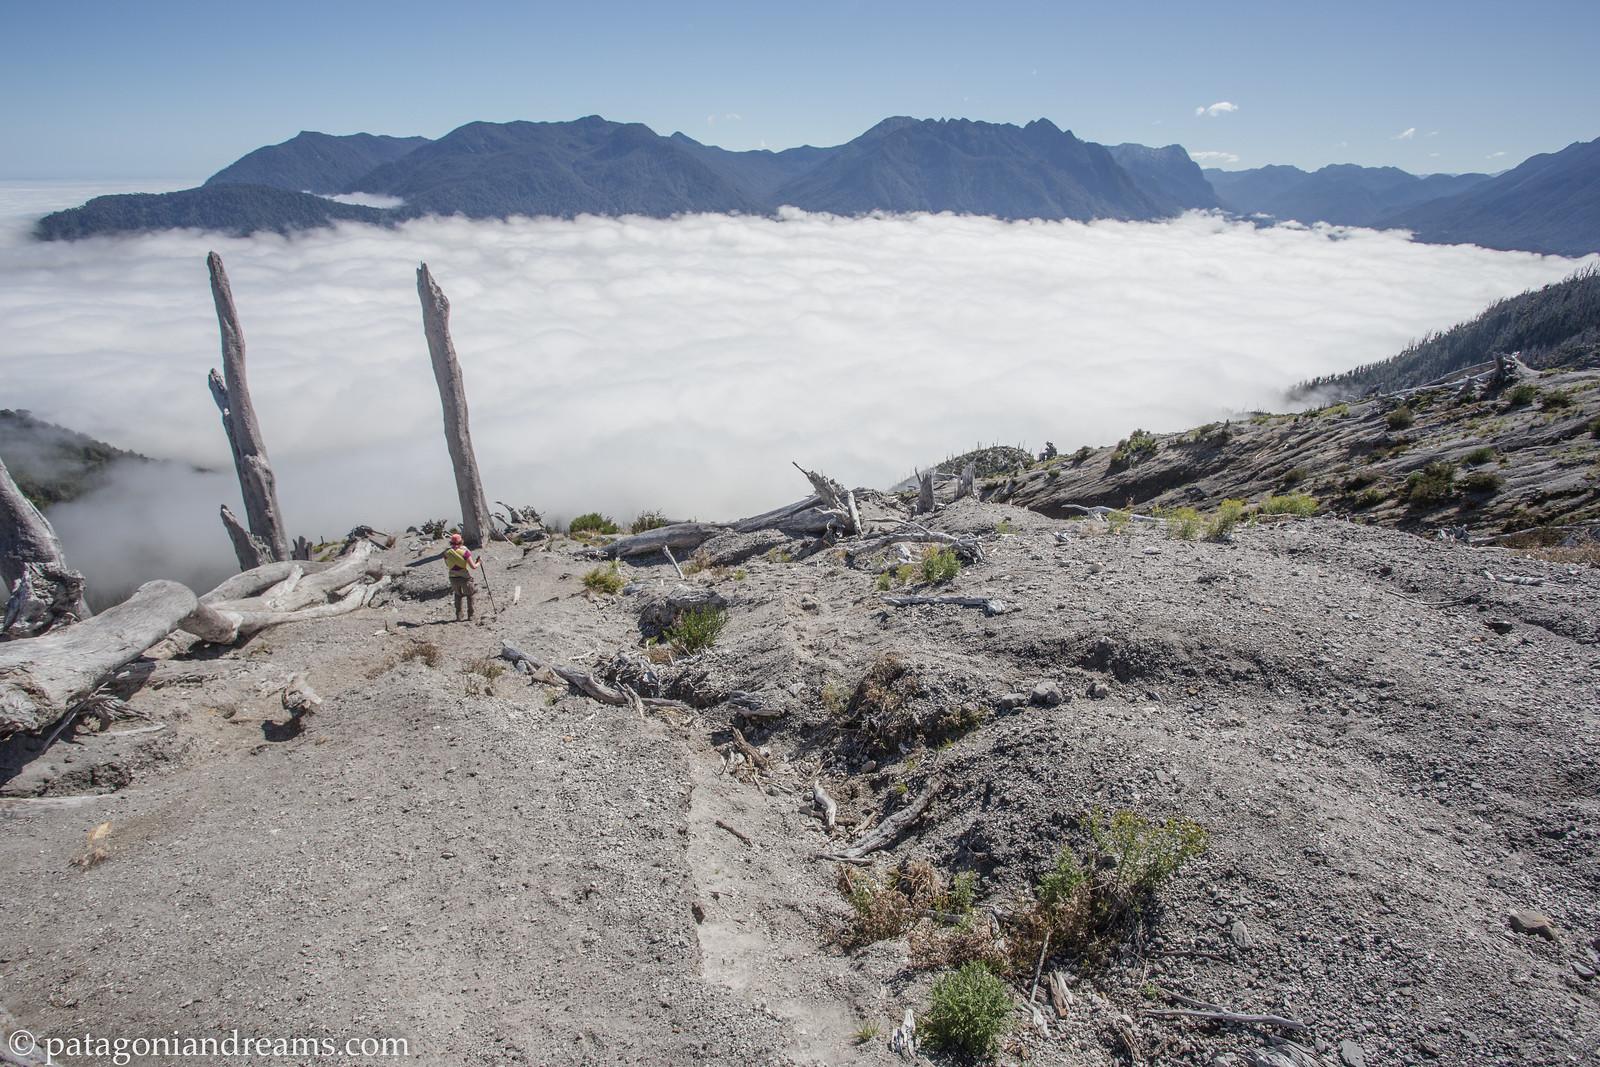 Descending the rim of Volcan Chaitén, Prov. de Palena, X Región de Los Lagos, Patagonia, Chile.